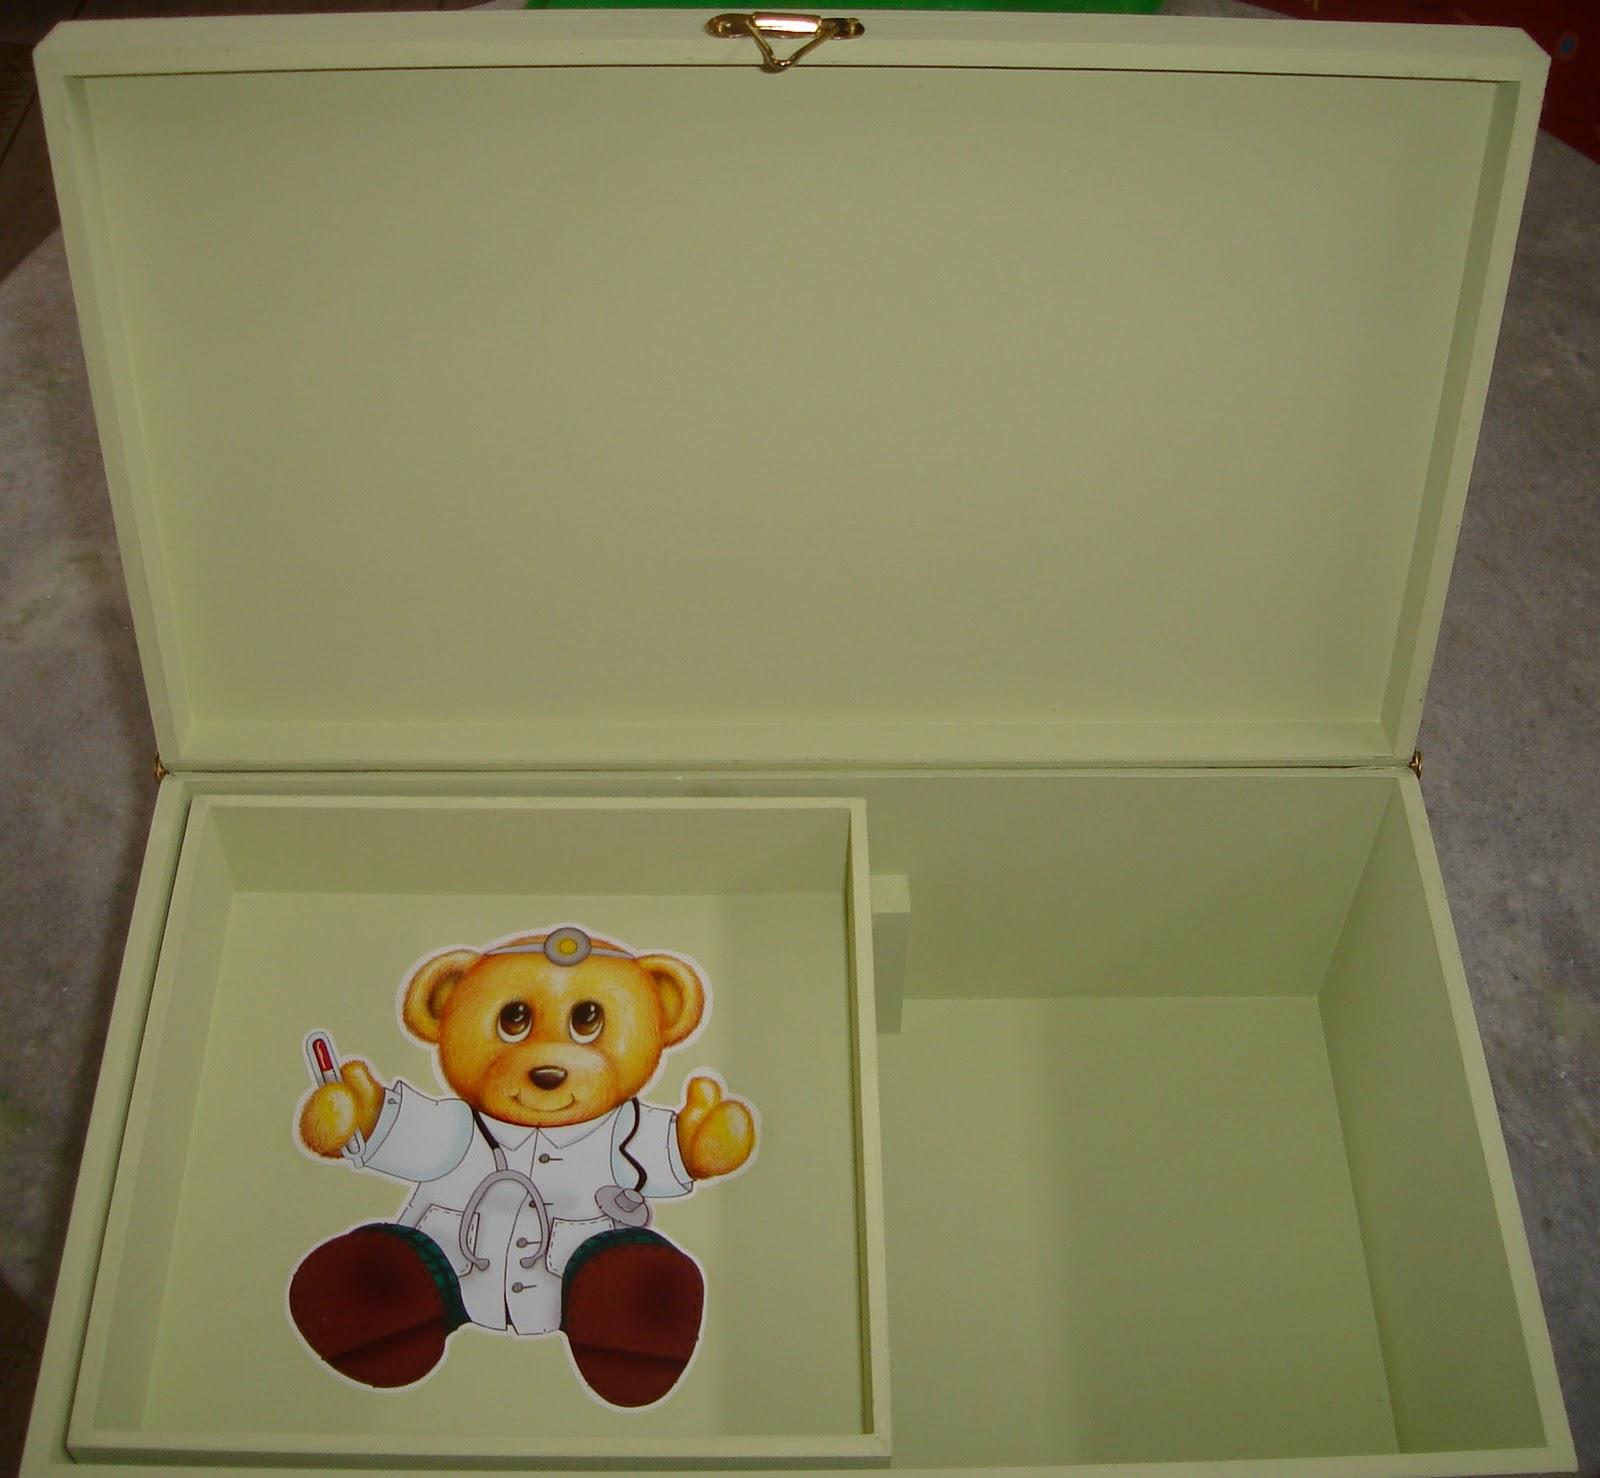 Oficina da tia drika caixa de medicamentos for Oficina de caixa